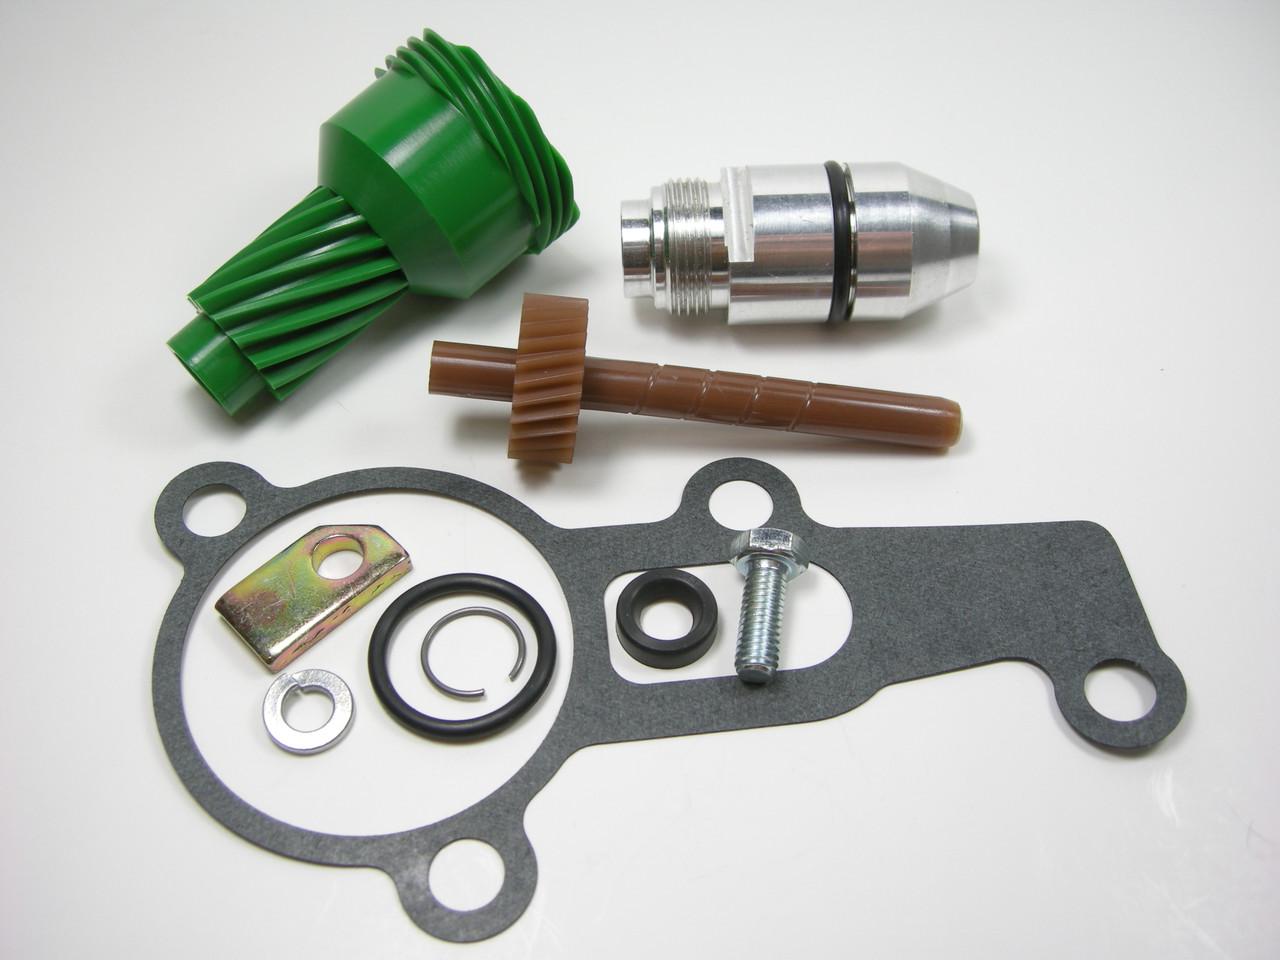 10 & 26 Tooth 2004R Complete Speedometer Kit w/ Gasket Gears Housing 200-4R